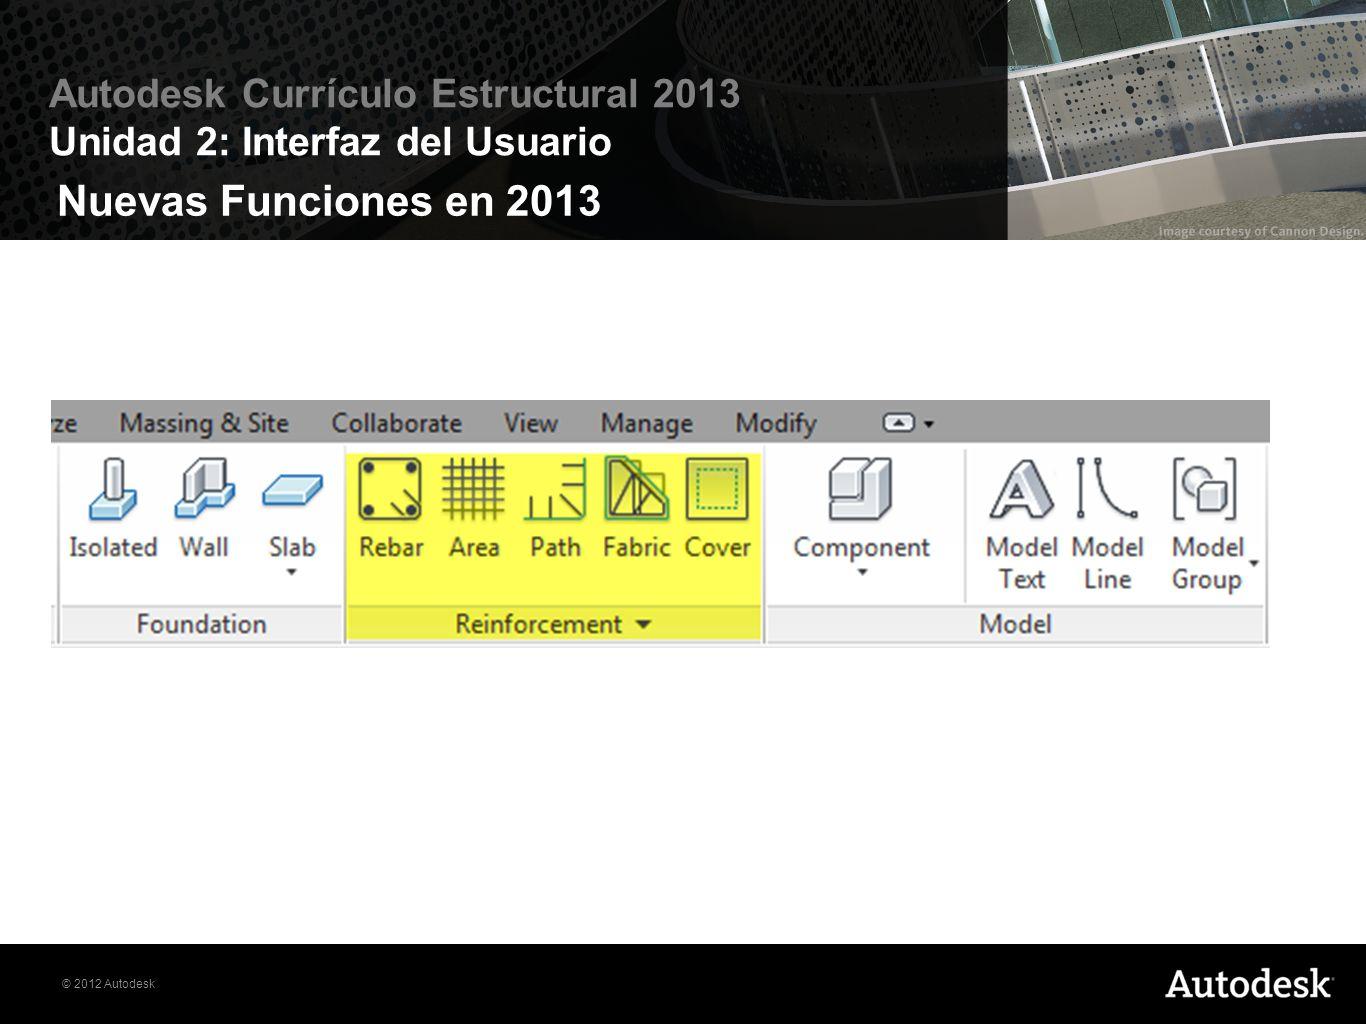 Nuevas Funciones en 2013